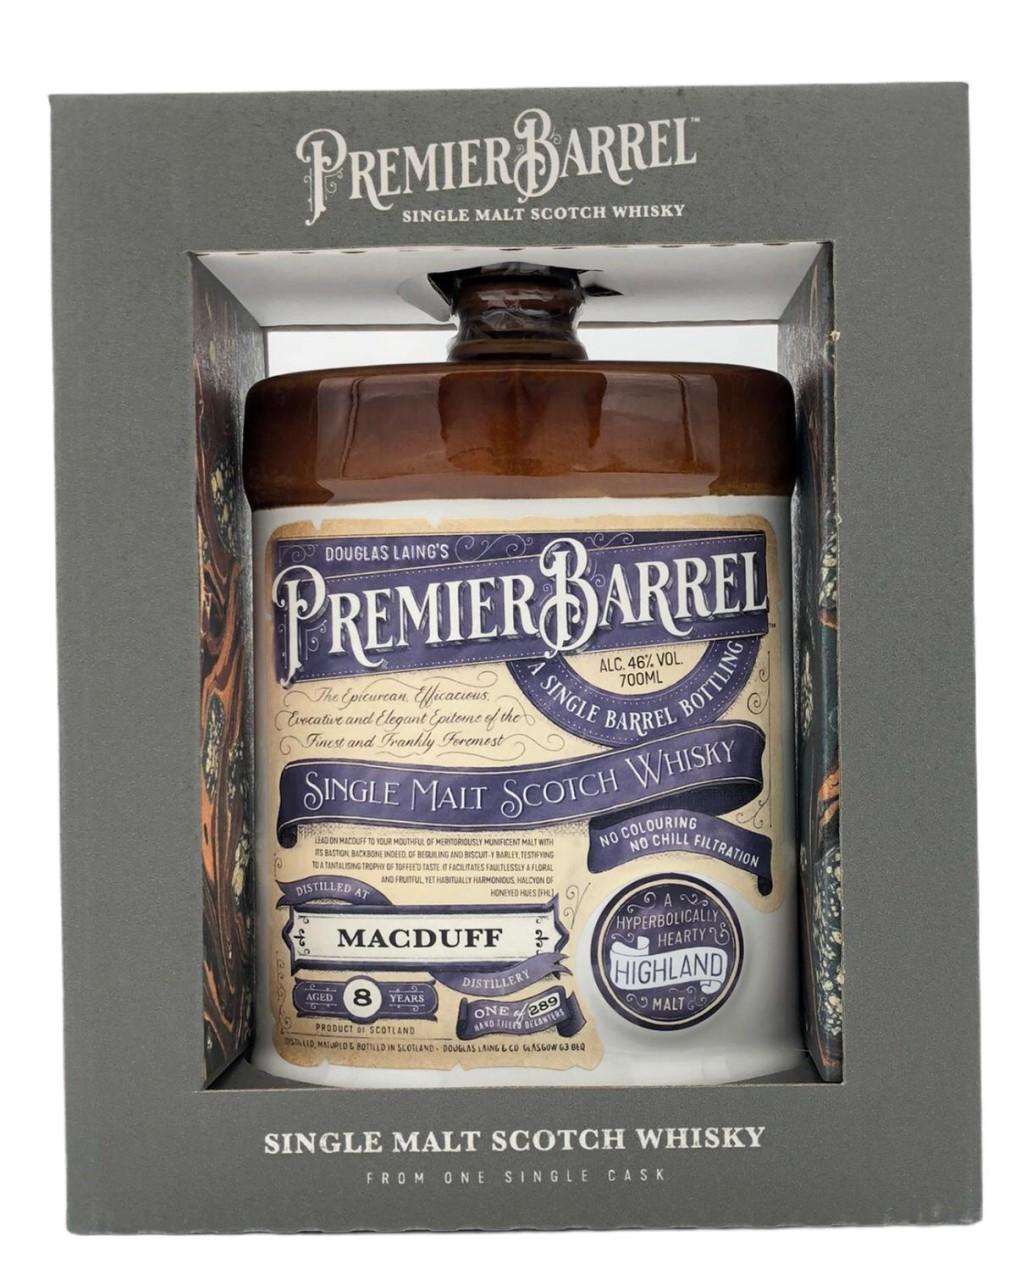 Premier Barrel Macduff 8 Years Old 0,7l